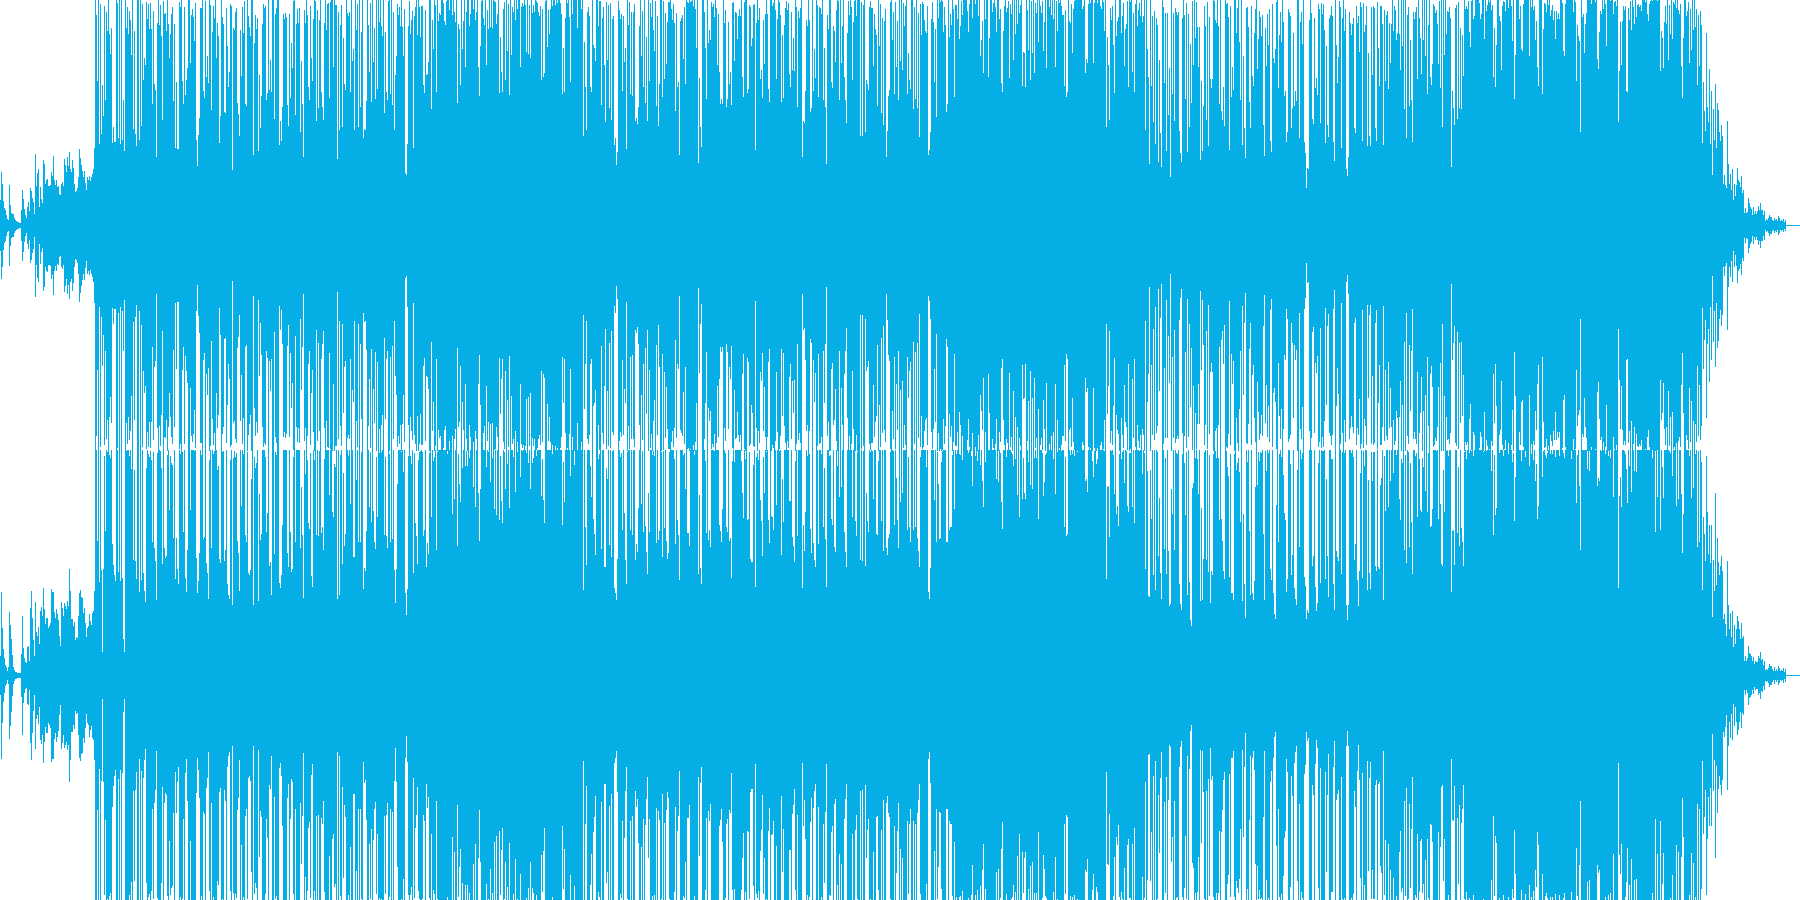 ピアノとシンセのハイブリッドなバラードの再生済みの波形